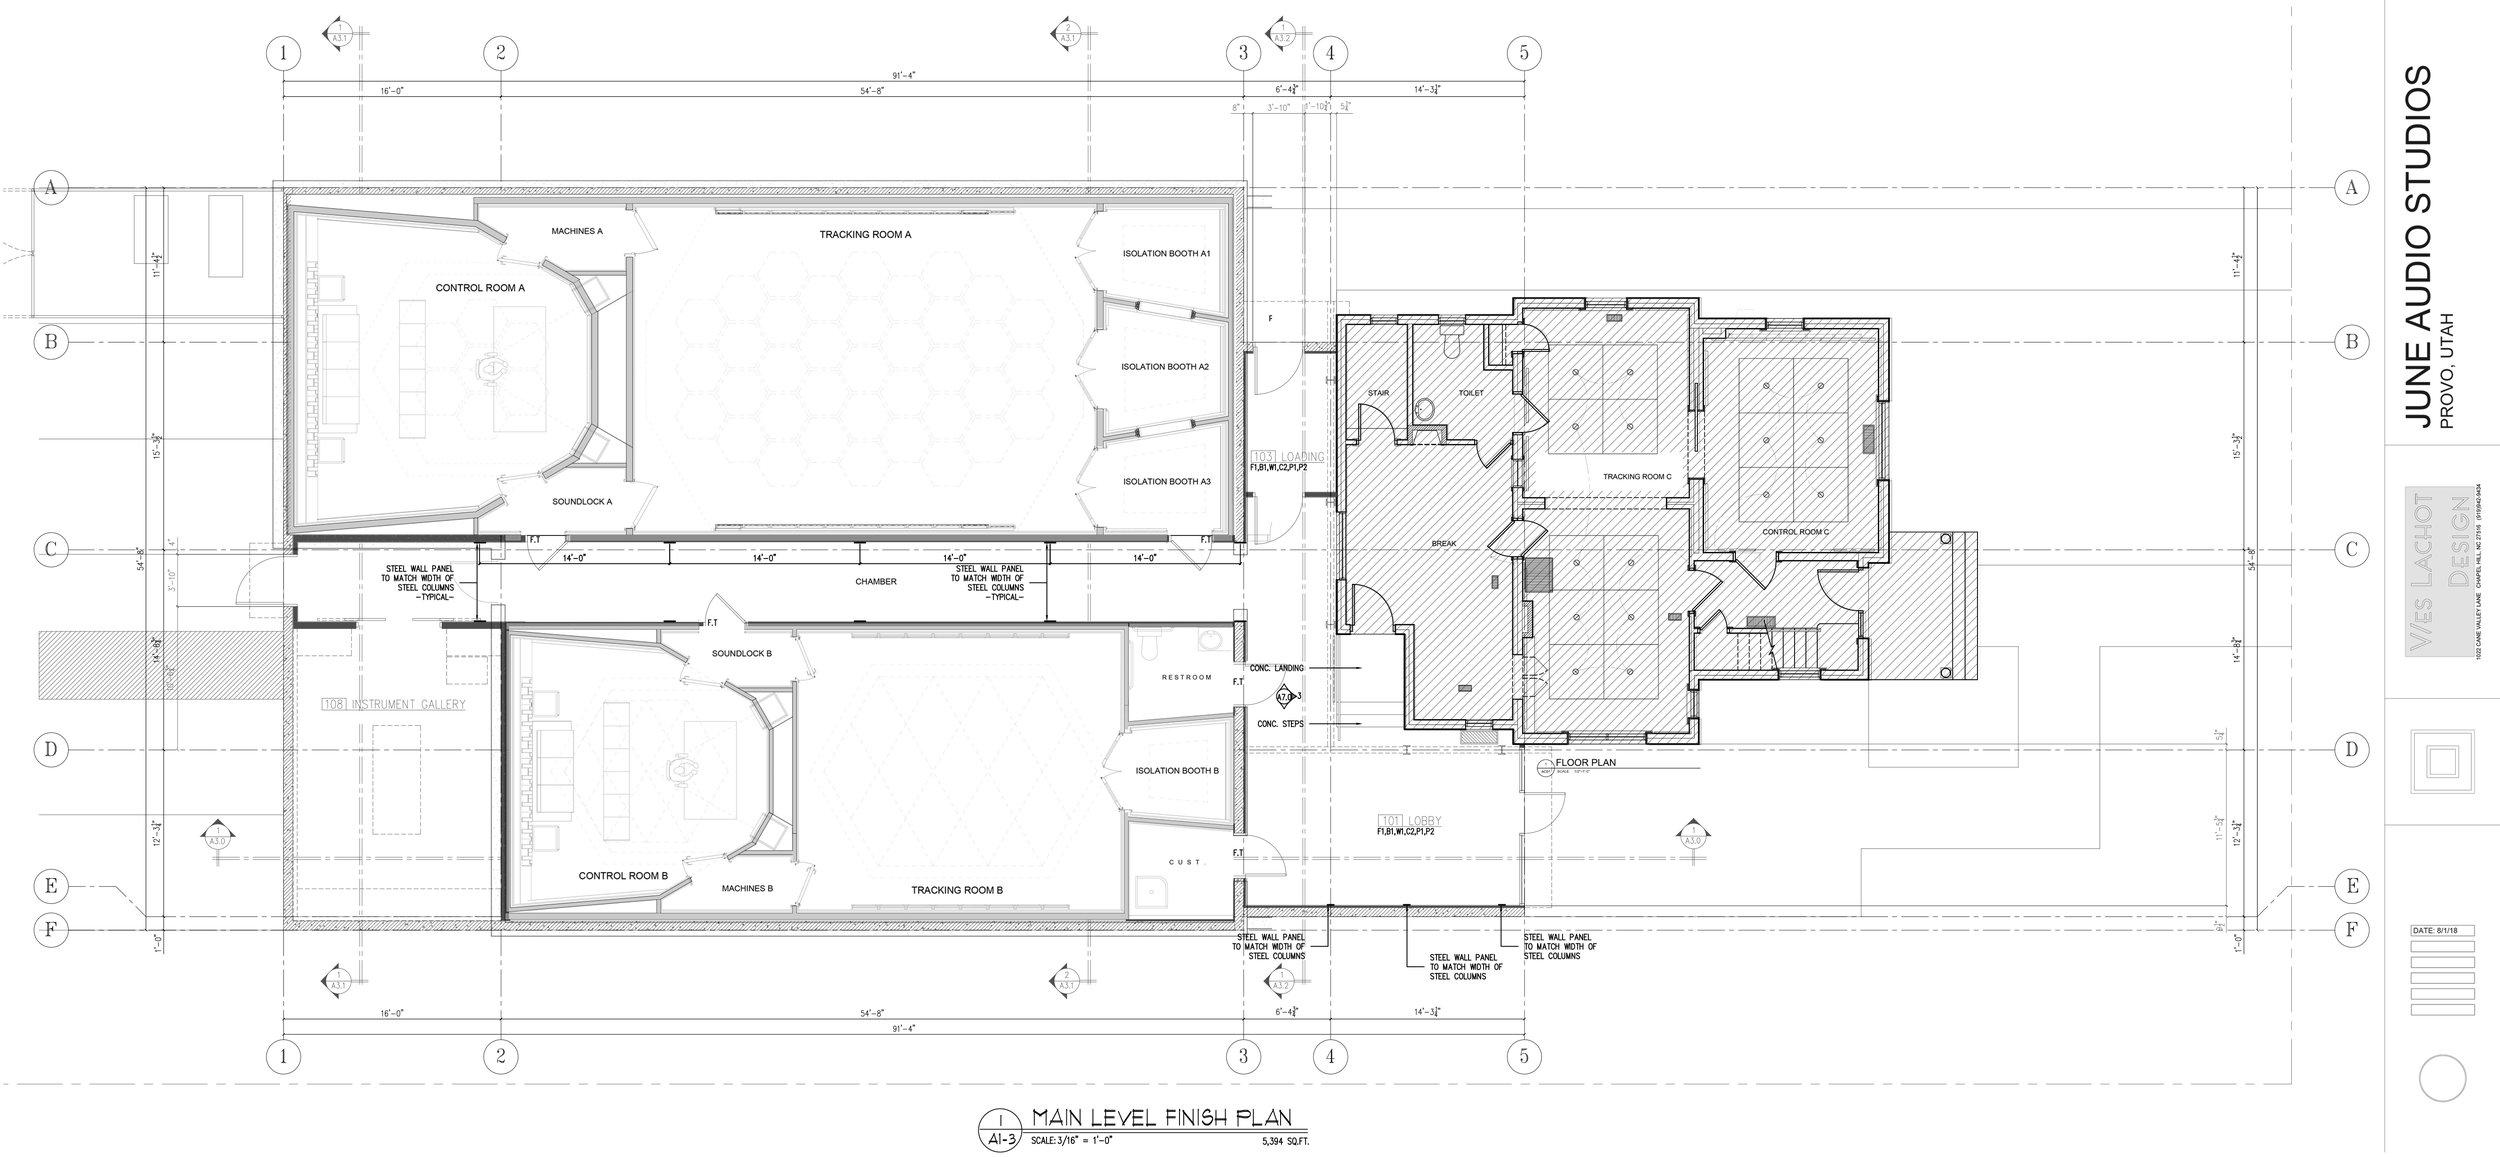 floor plan for internet.jpg